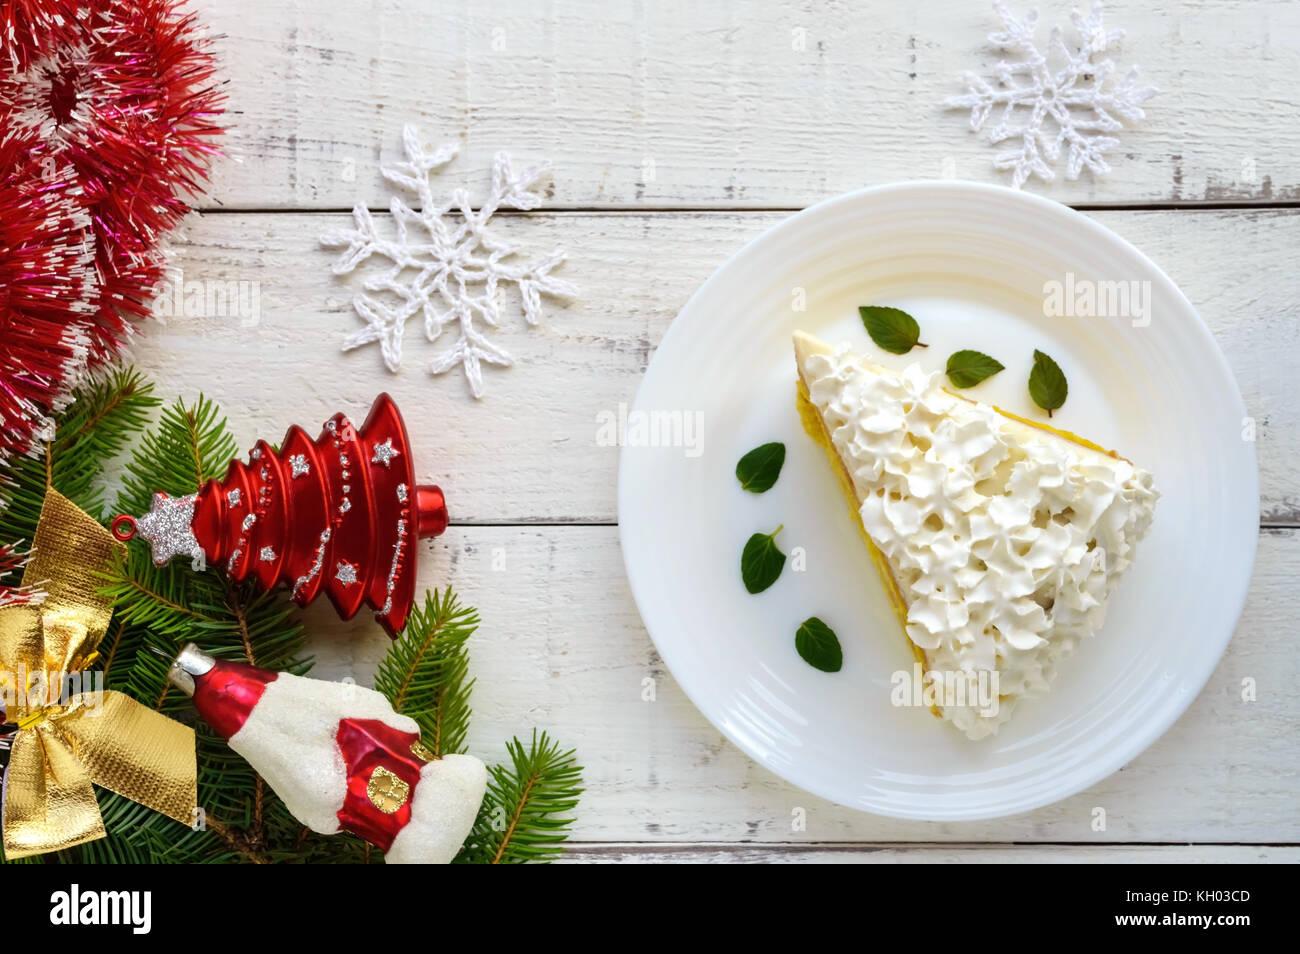 Un gran trozo de bizcocho delicada decoración crema postre aire festivo sobre un fondo blanco. Para celebrar Imagen De Stock